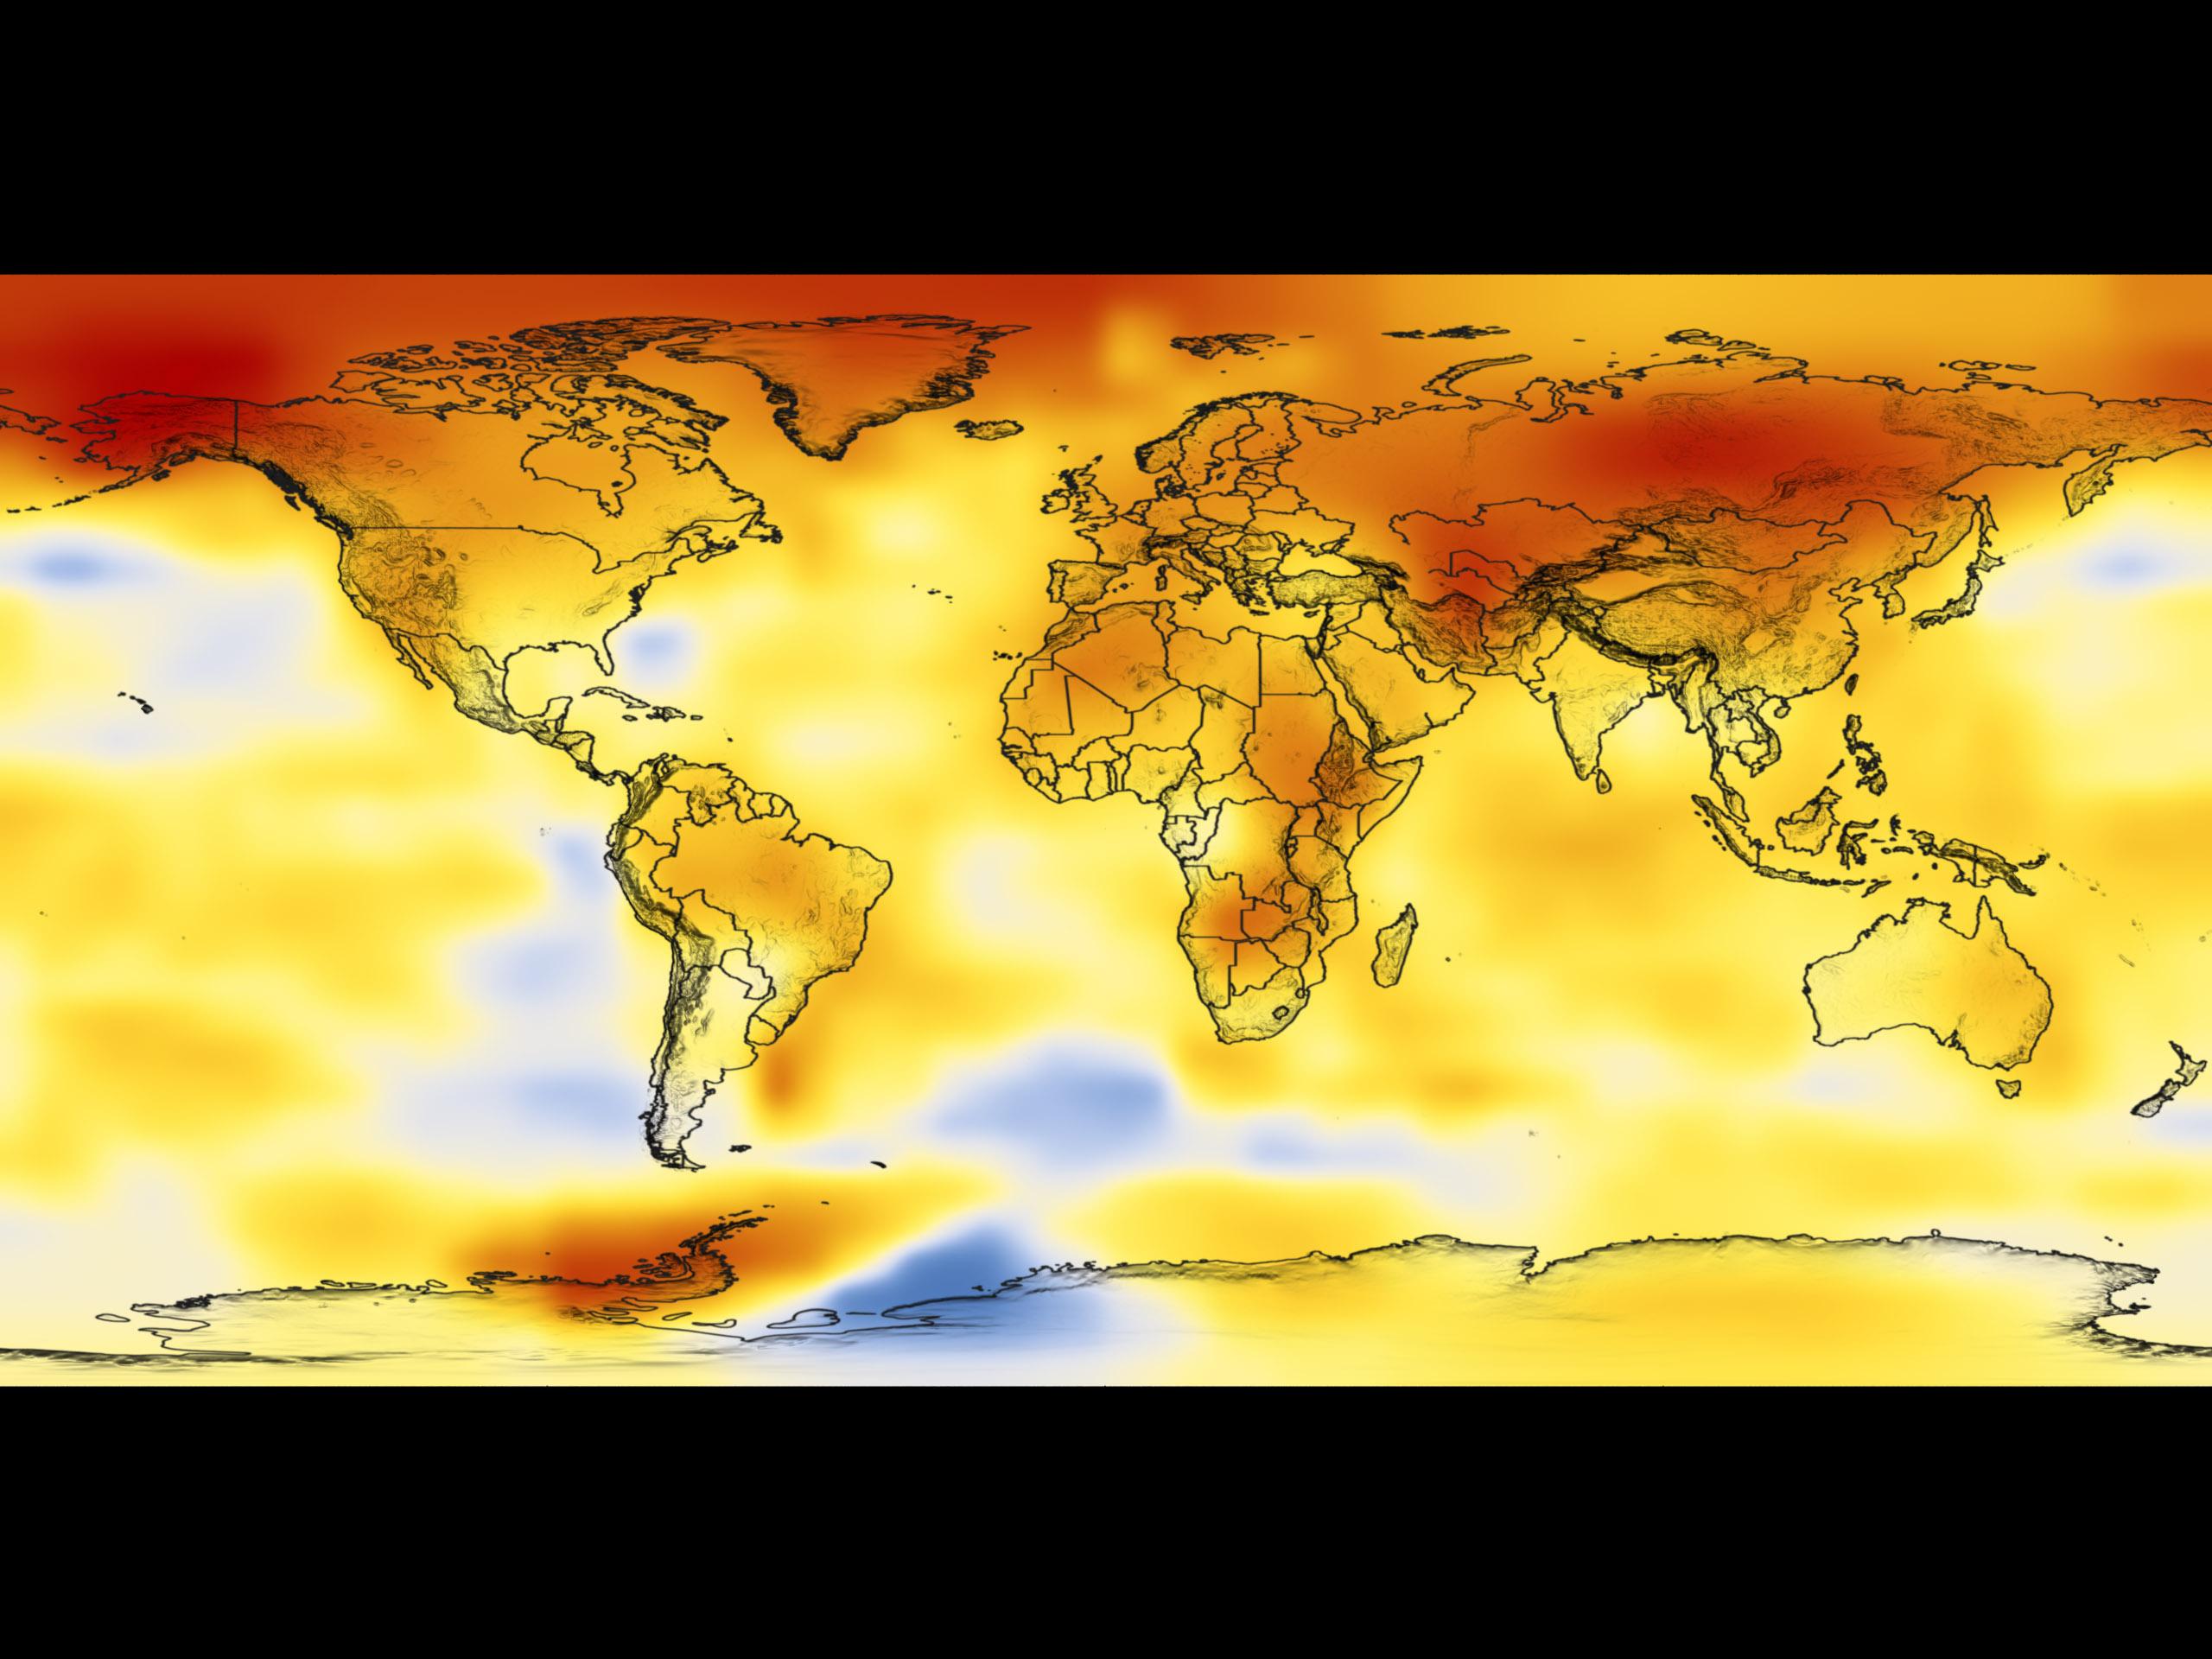 nasa page regarding world warming